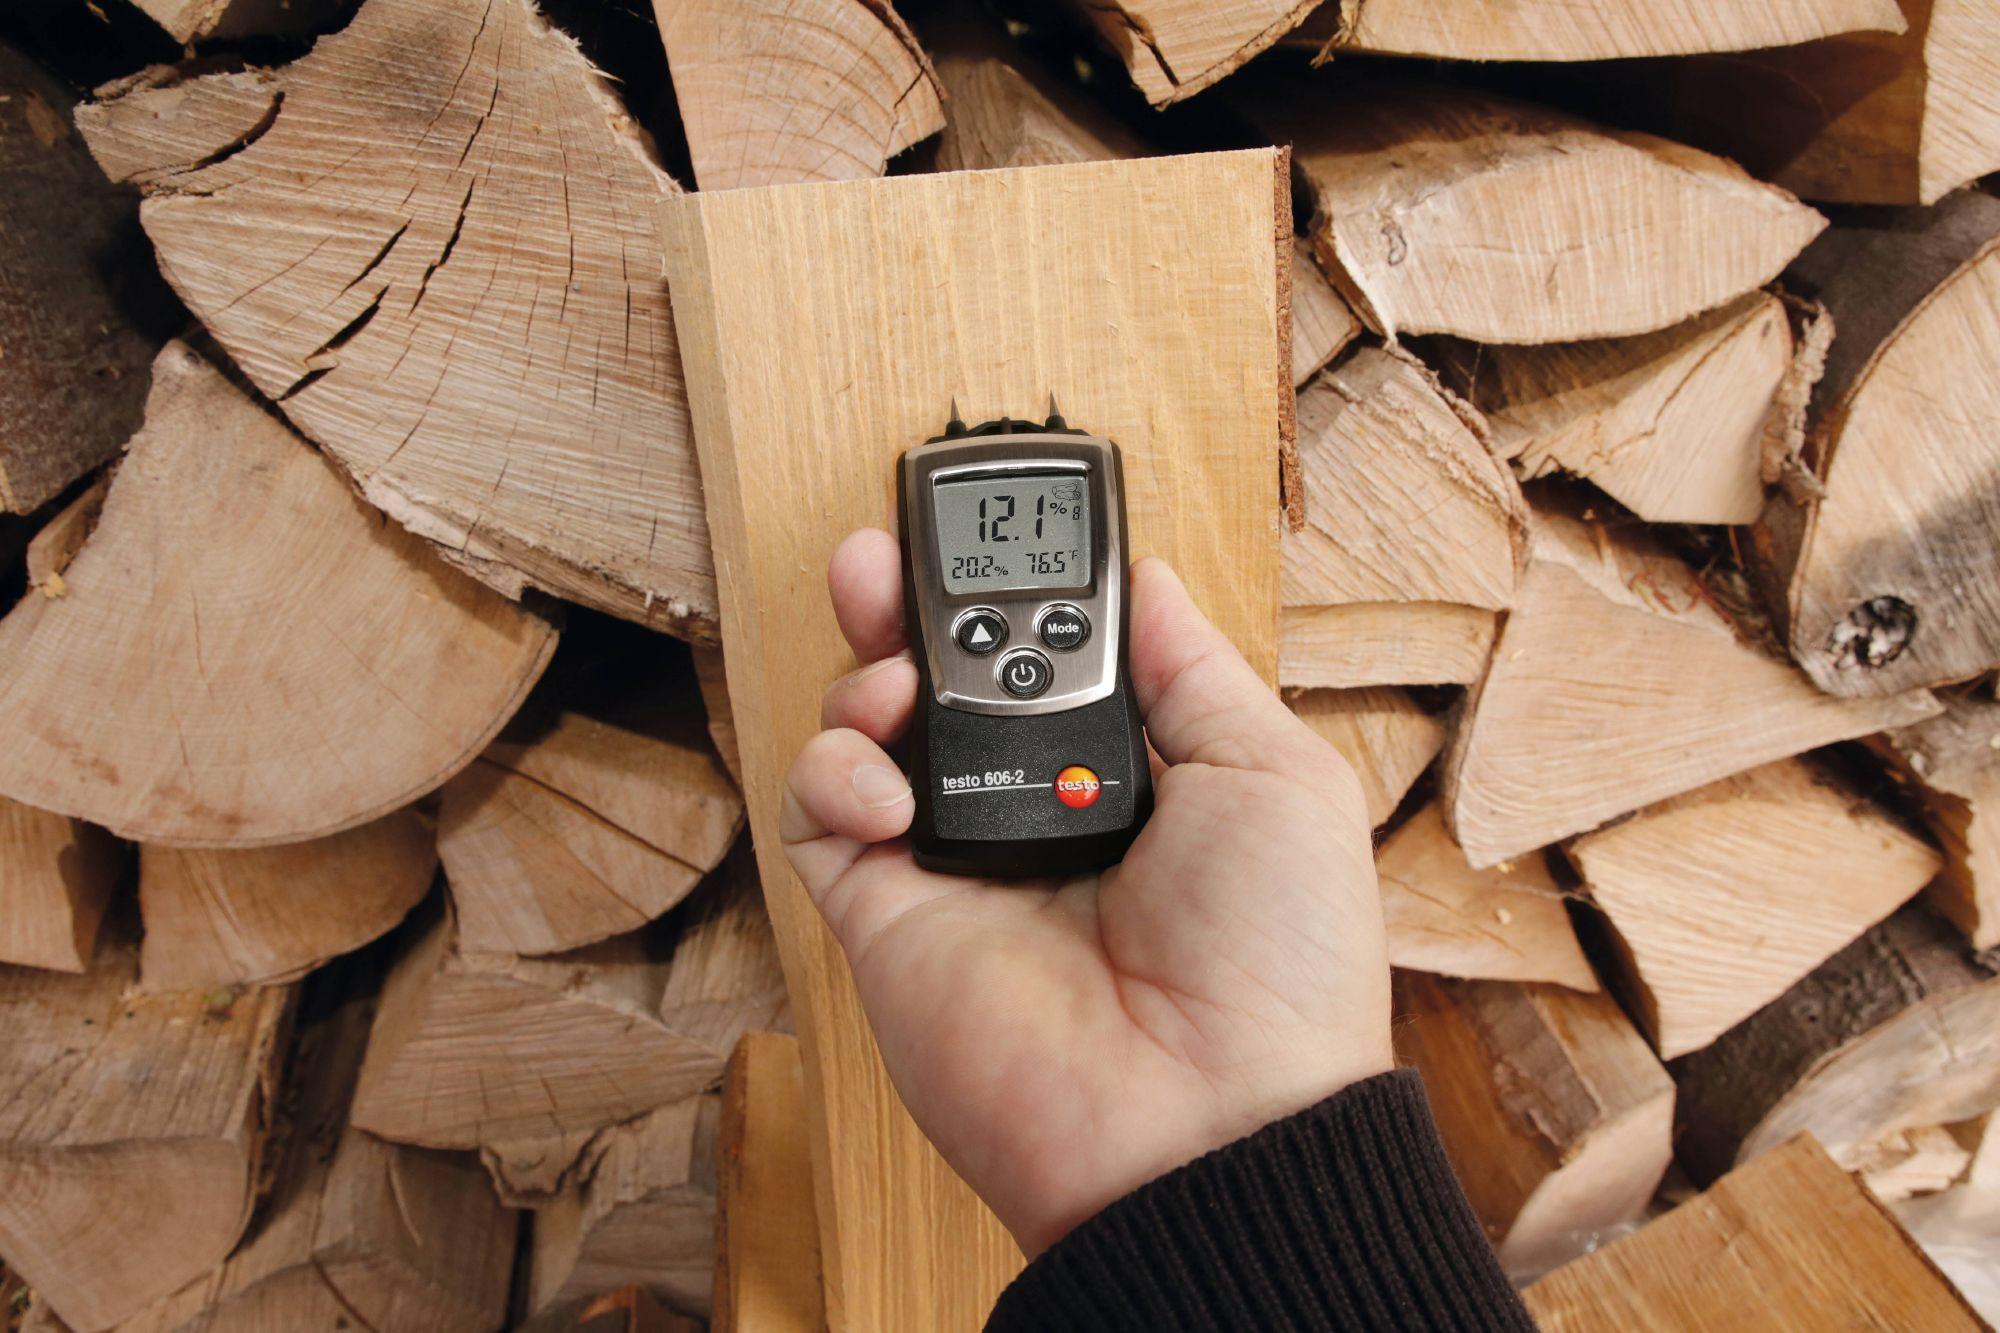 Holzfeuchte-Messung mit testo 606-2